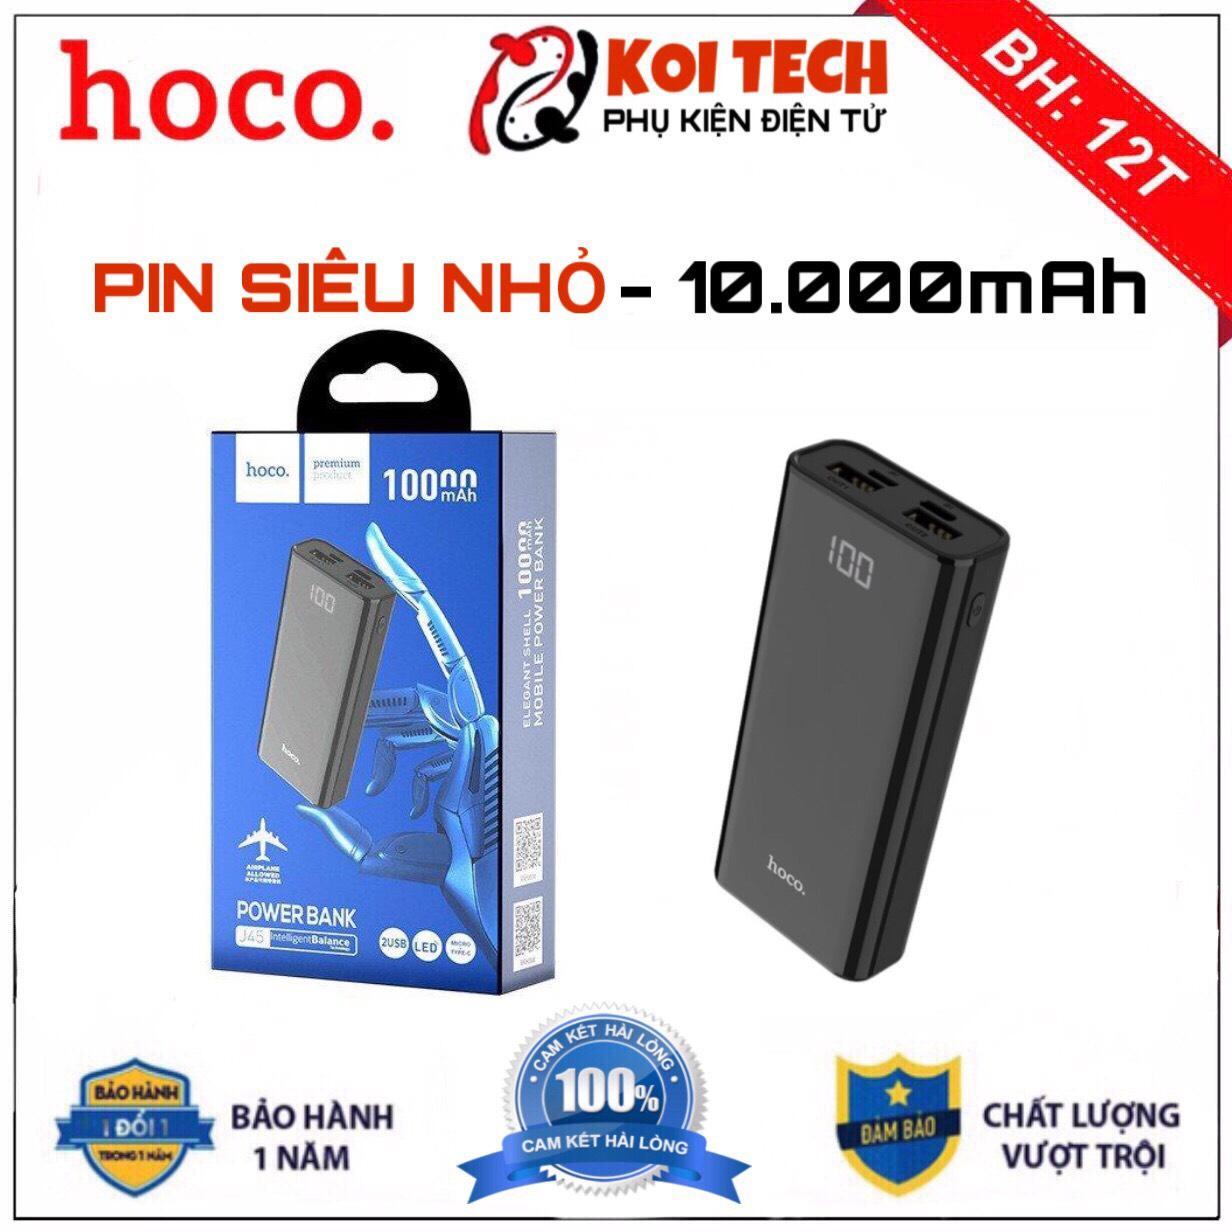 [SIÊU NHỎ] Pin Sạc Dự Phòng Hoco j45 10000mah Sạc nhanh 2A 2 cổng USB 2 đèn LED thích hợp dùng cho nhiều dòng máy